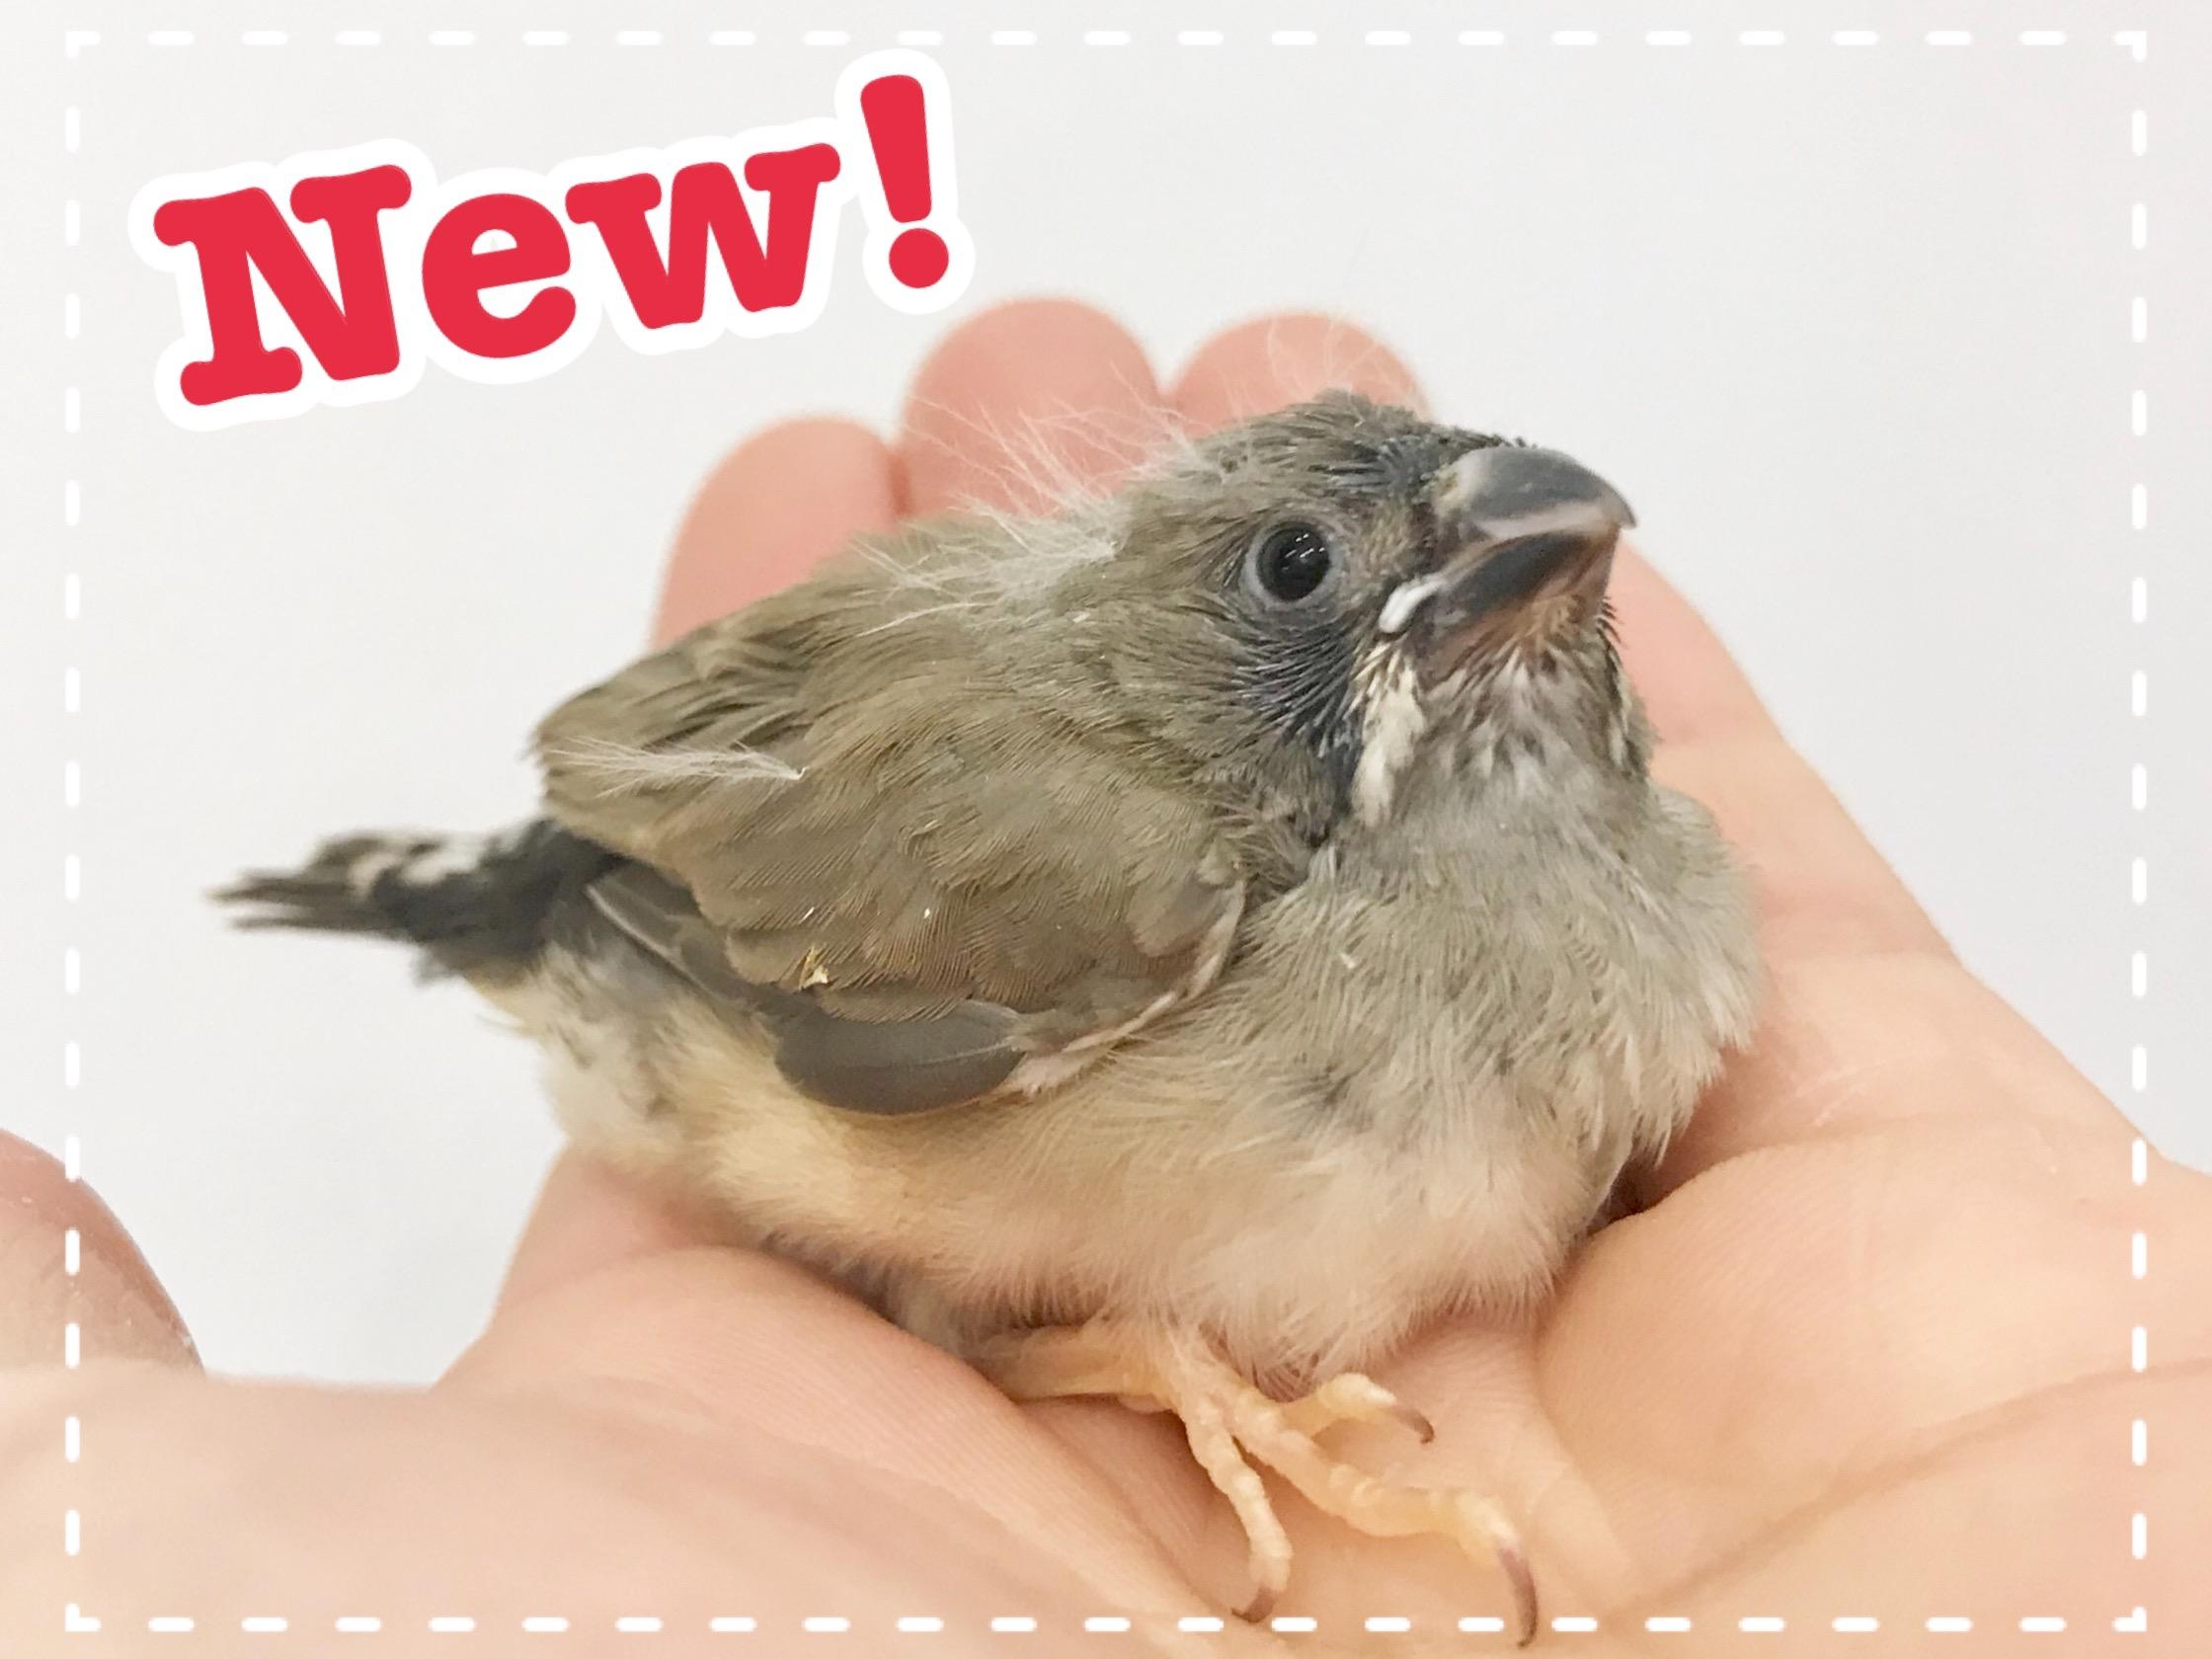 【春ペポニ】錦華鳥など!【ヒナ新着】